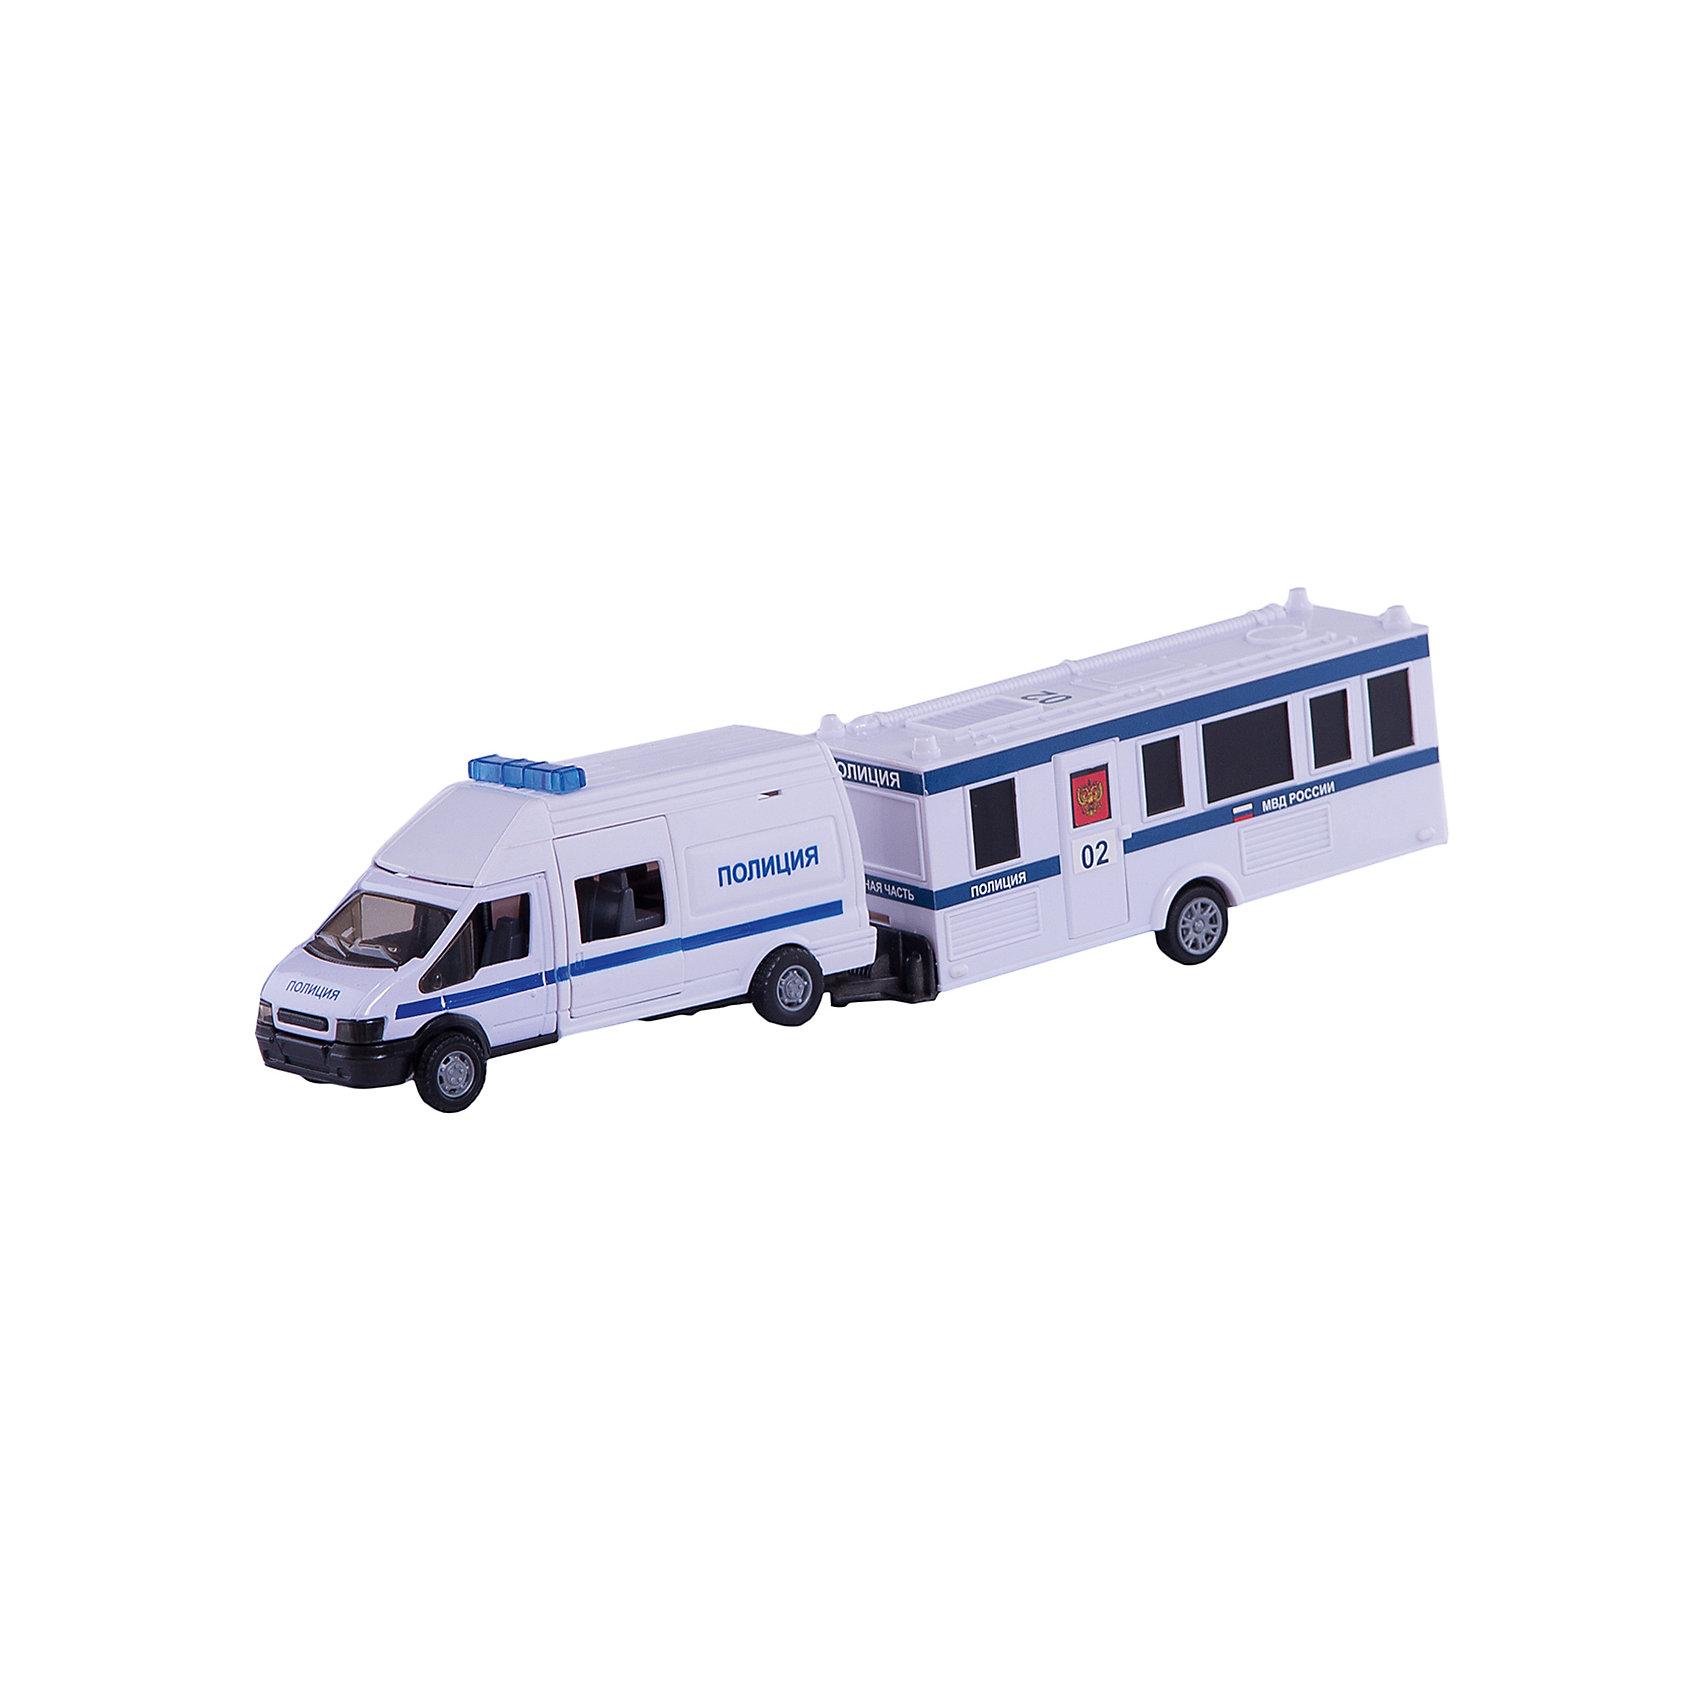 Машинка Rescue Van полиция с прицепом 1:48, AutotimeМашинки<br>Характеристики товара:<br><br>• цвет: белый<br>• возраст: от 3 лет<br>• материал: металл, пластик<br>• масштаб: 1:48<br>• комплектация: машина, прицеп<br>• инерционная<br>• колеса вращаются<br>• размер упаковки: 35х6х11 см<br>• вес с упаковкой: 300 г<br>• страна бренда: Россия, Китай<br>• страна изготовитель: Китай<br><br>Такая модель представляет собой миниатюрную копию реально существующей полицейской машины с прицепом. Она отличается высокой детализацией, является коллекционной моделью. <br><br>Сделана машинка из прочного и безопасного материала. Корпус - из металла и пластика.<br><br>Машинку «Rescue Van полиция с прицепом 1:48», Autotime (Автотайм) можно купить в нашем интернет-магазине.<br><br>Ширина мм: 362<br>Глубина мм: 114<br>Высота мм: 146<br>Вес г: 15<br>Возраст от месяцев: 36<br>Возраст до месяцев: 2147483647<br>Пол: Мужской<br>Возраст: Детский<br>SKU: 5584152